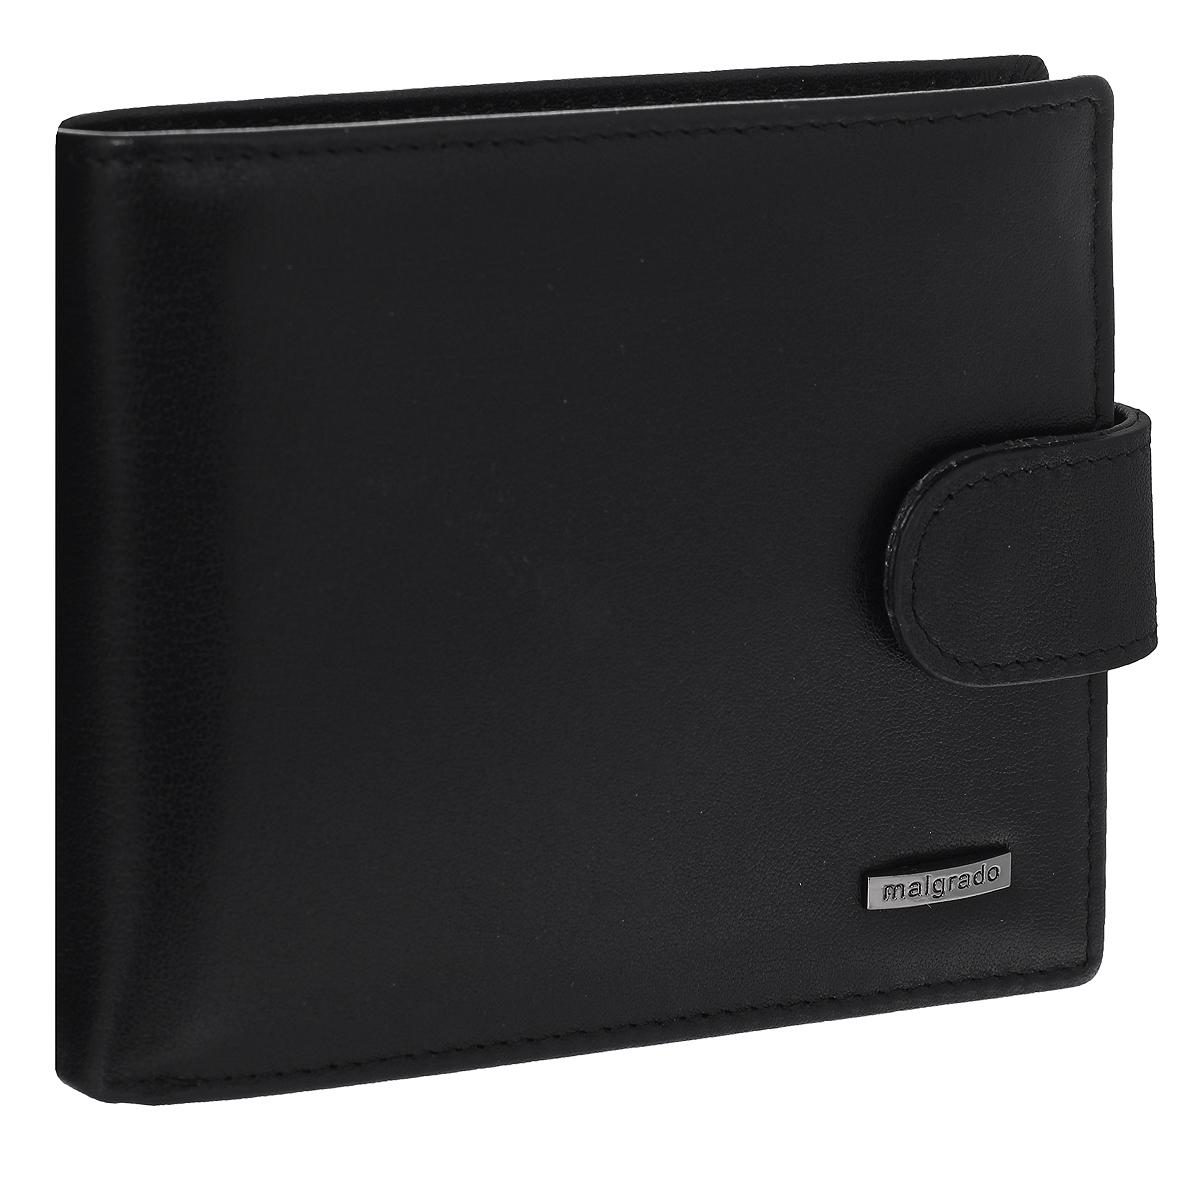 """Портмоне мужское Malgrado, цвет: черный. 36002-55D7301PI-53Универсальное портмоне Malgrado изготовлено из натуральной кожи. Внутри содержит три отделения для купюр, одно из которых на молнии, потайной кармашек, отсек для мелочи на кнопке, два кармана с прозрачным """"окошком"""" для пропуска или фотографии и три наборных кармашка для кредитных карт. Закрывается портмоне хлястиком на кнопку.Благодаря насыщенному цвету и лаконичному дизайну, такое портмоне подойдет любителям классических аксессуаров."""